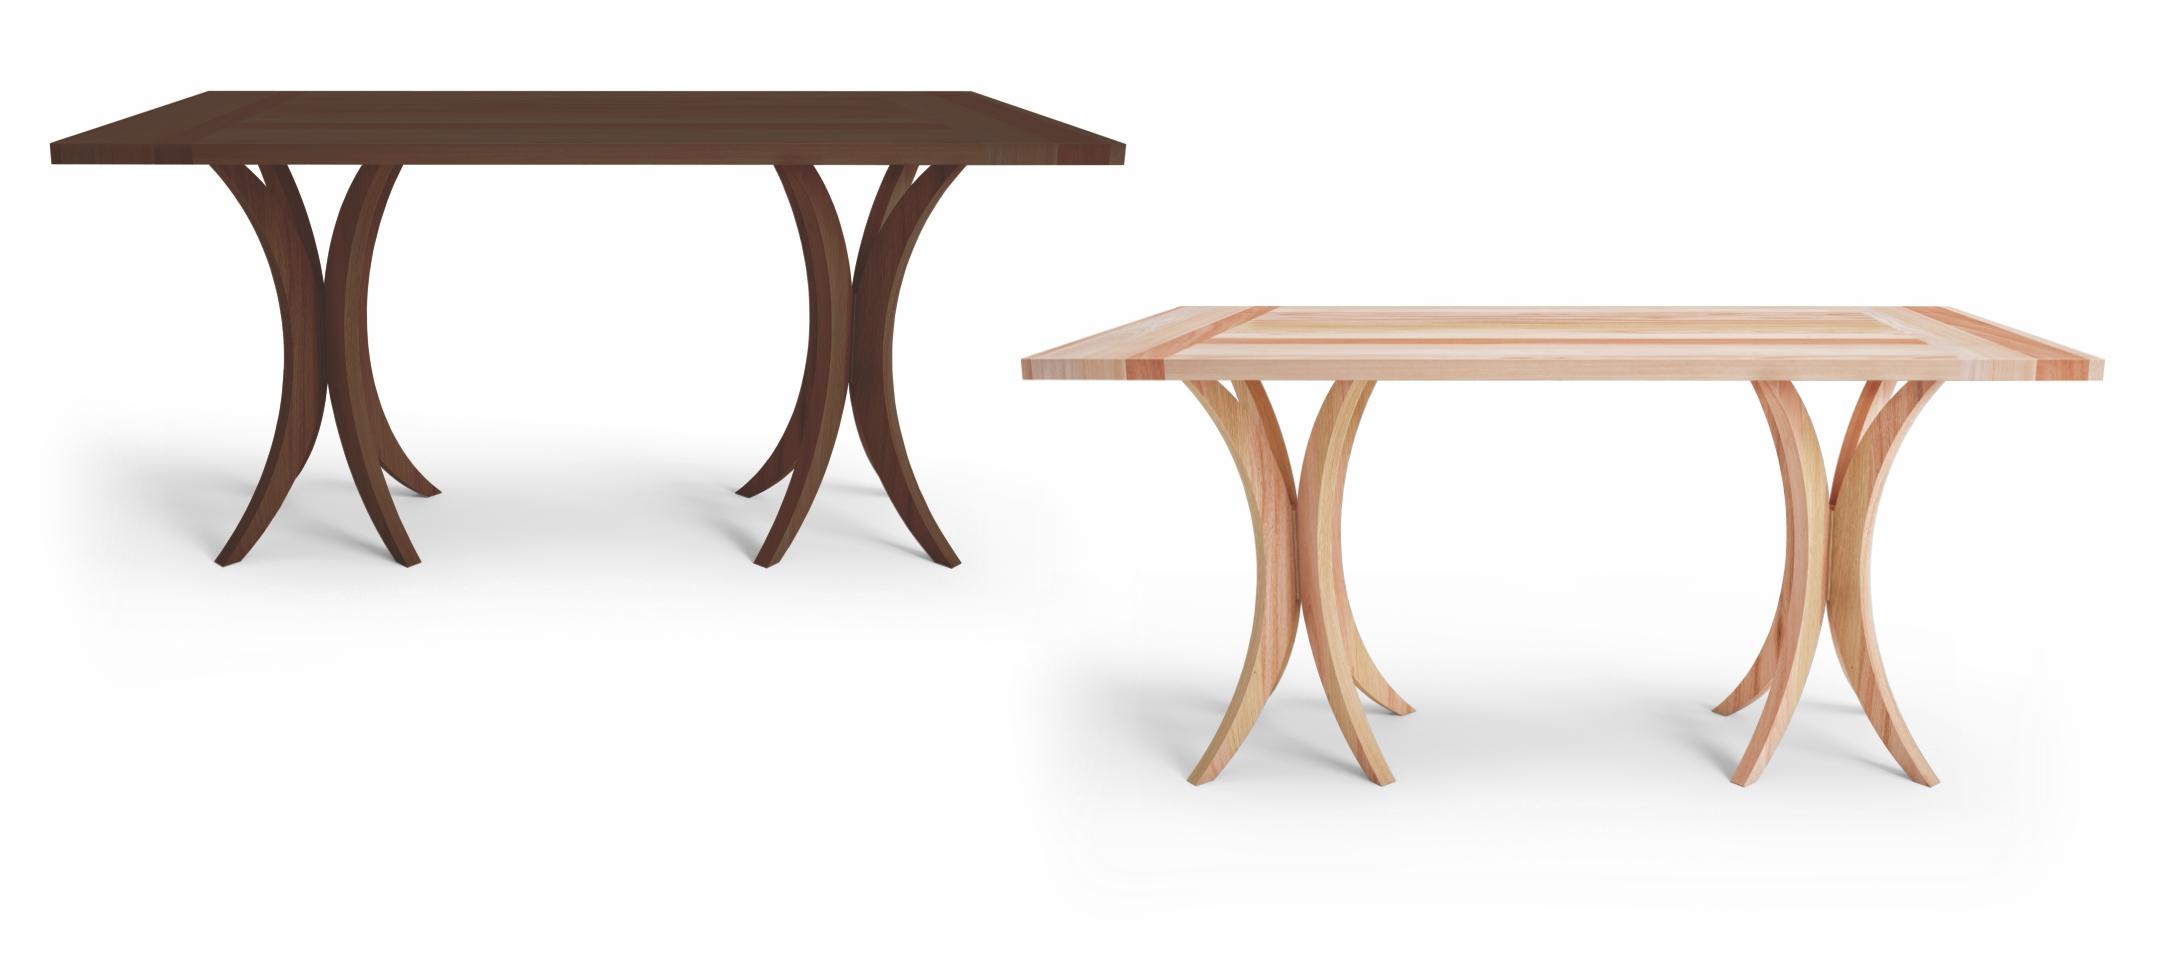 Mesa de jantar retangular 6 lugares com tampo em madeira